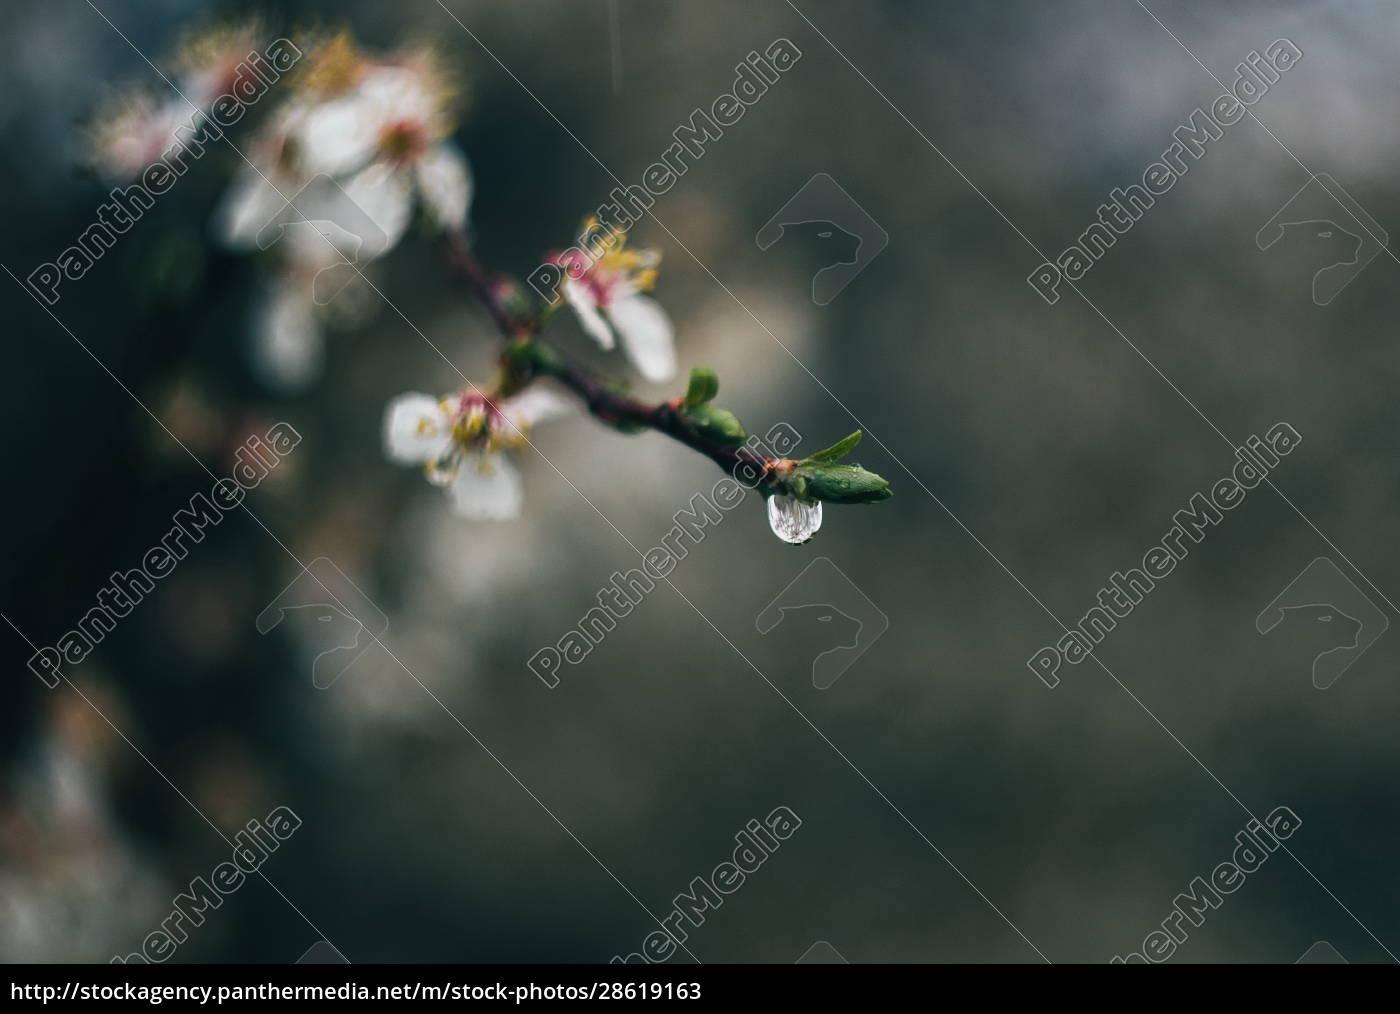 frühling., blütenpflanzen, nah - 28619163